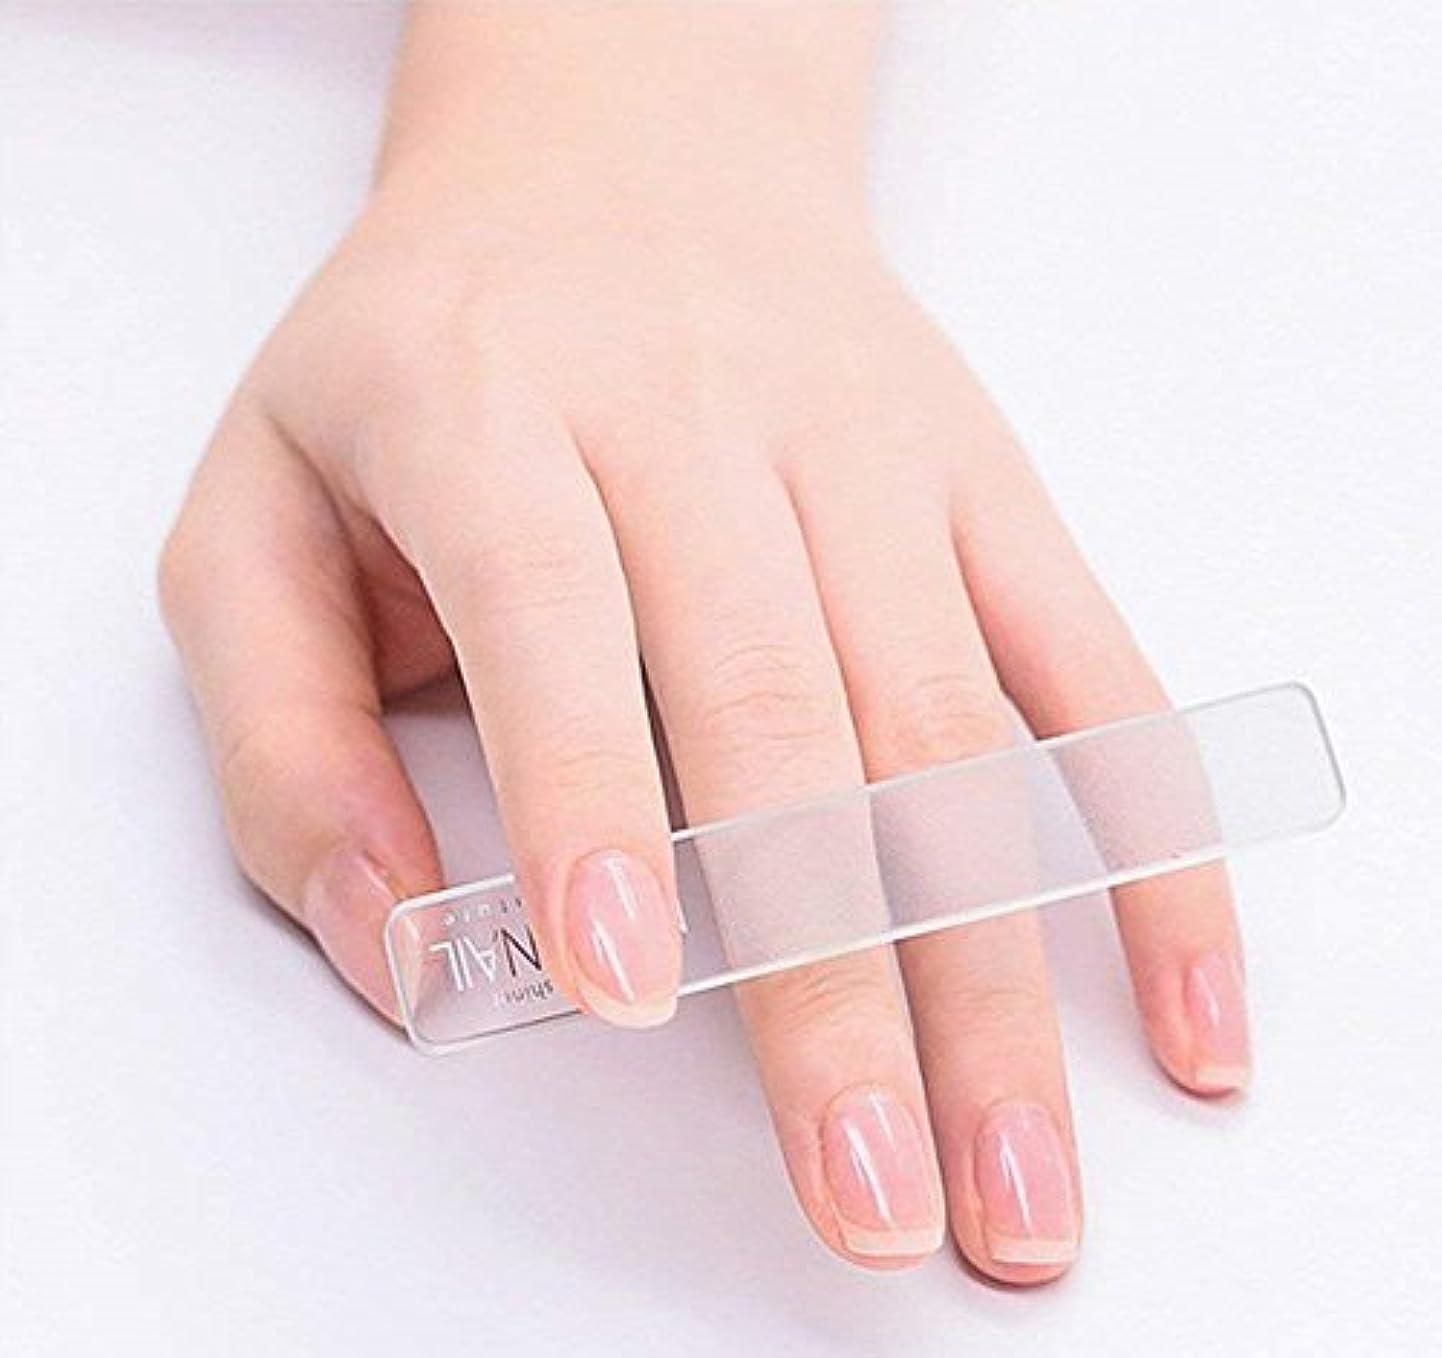 叱る裸タブレットSmartRICH ガラス製ネイルファイル ネイル, 透明ガラスNano研磨 絶妙 爪やすり 爪磨き 立体ナノネイルファイル ネイルケア用品 美しい指先 光沢長持ち